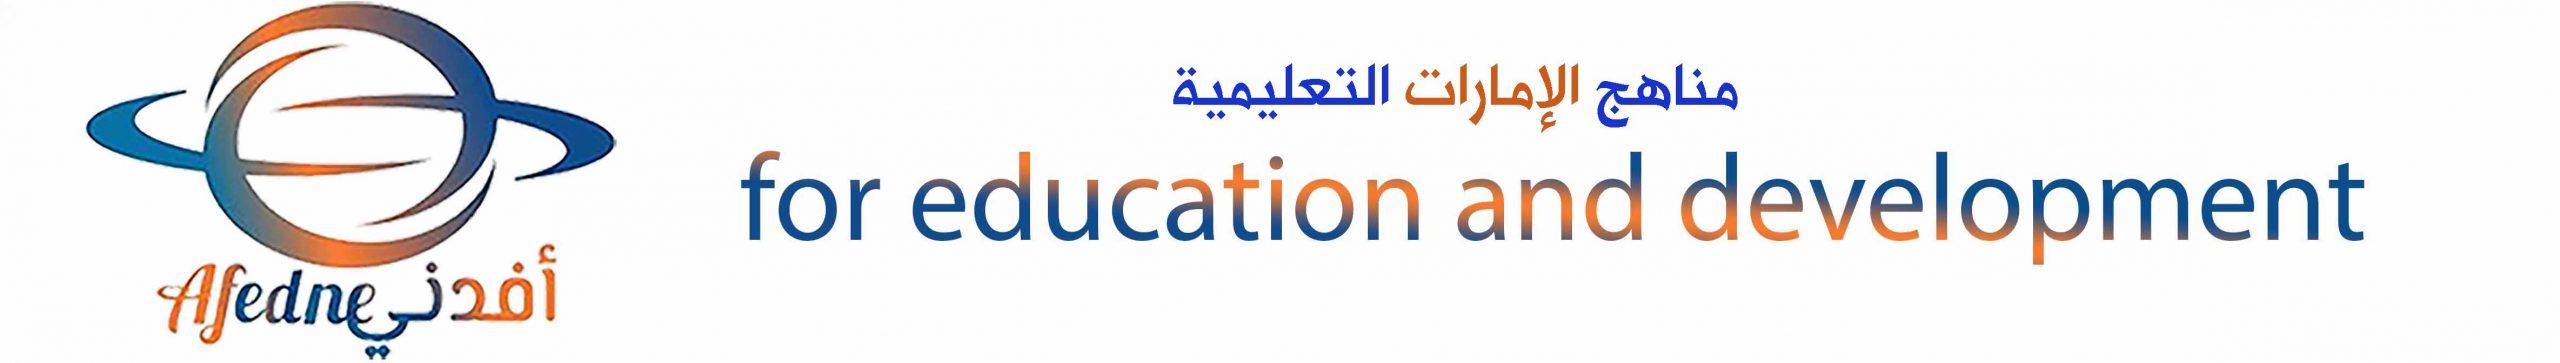 مناهج الإمارات التعليمية